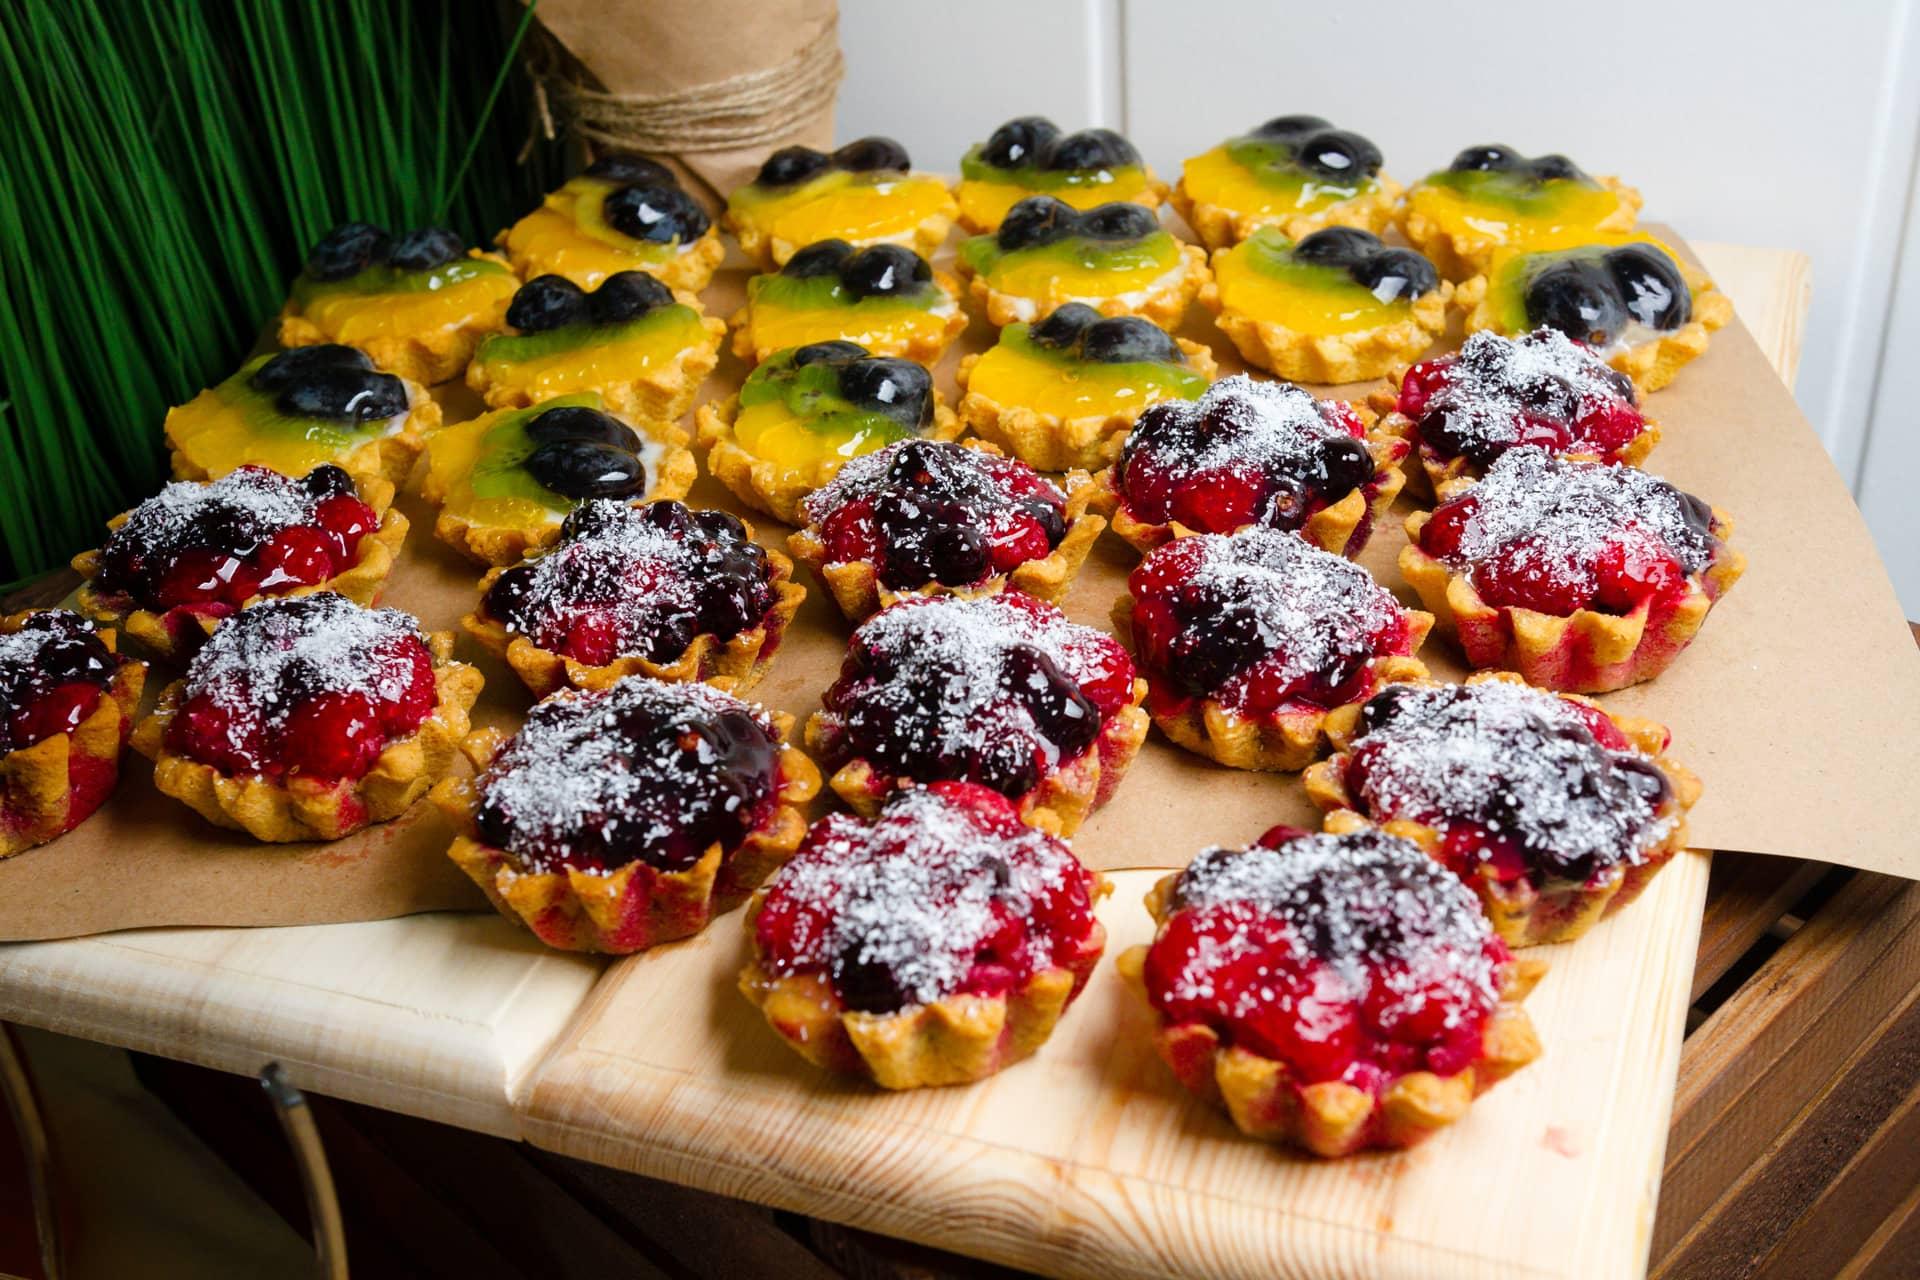 фруктовые пирожные рецепты с фото сегодняшний день создать